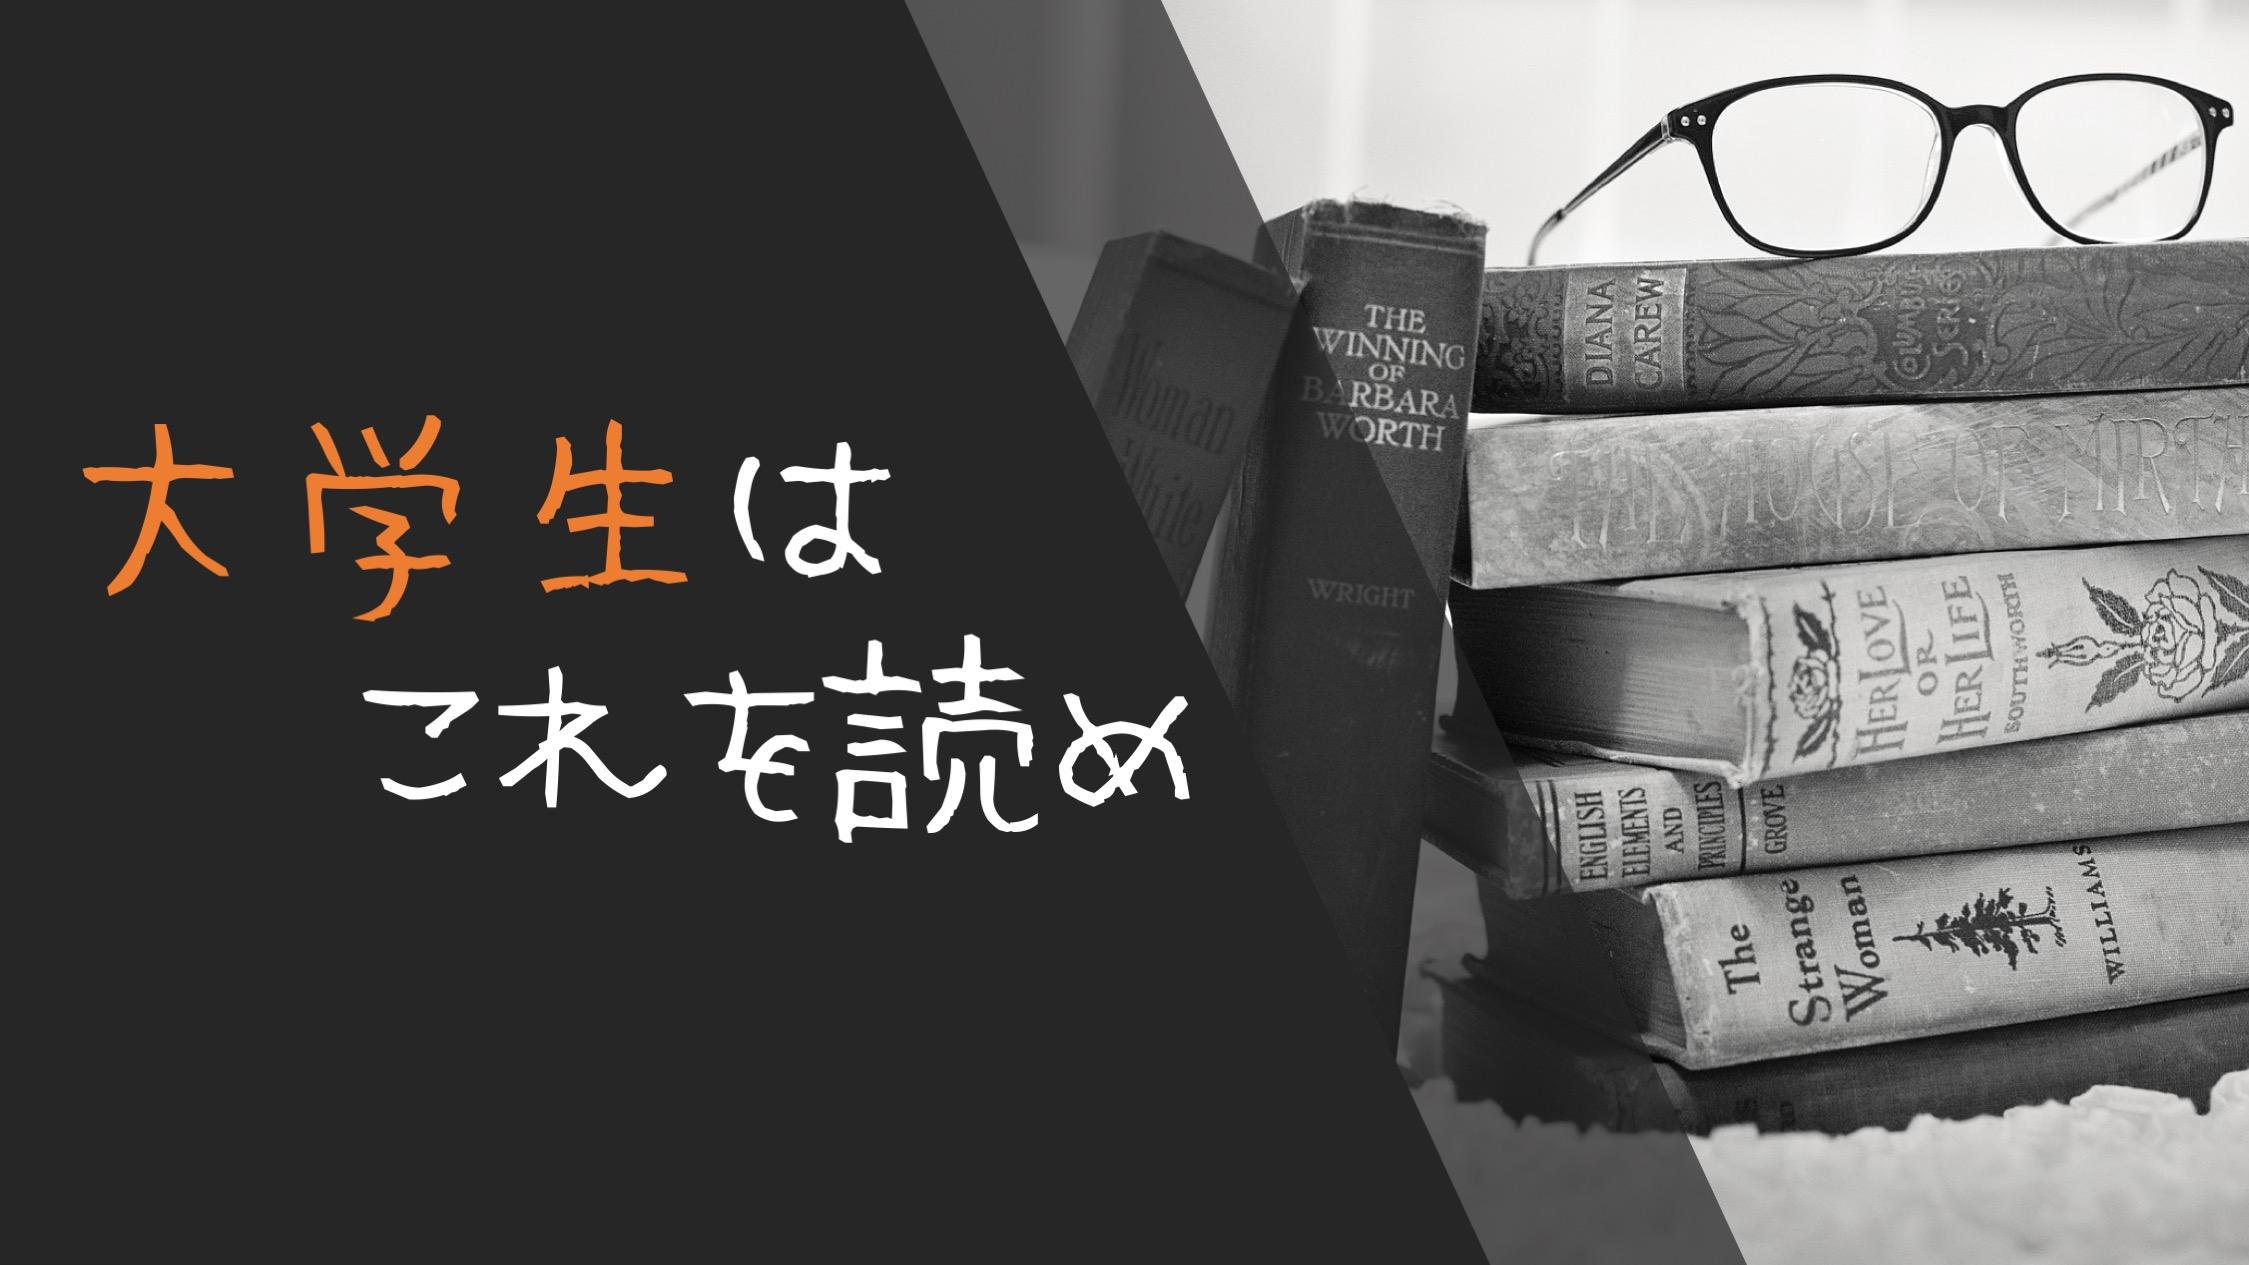 大学生 が 読む べき 本